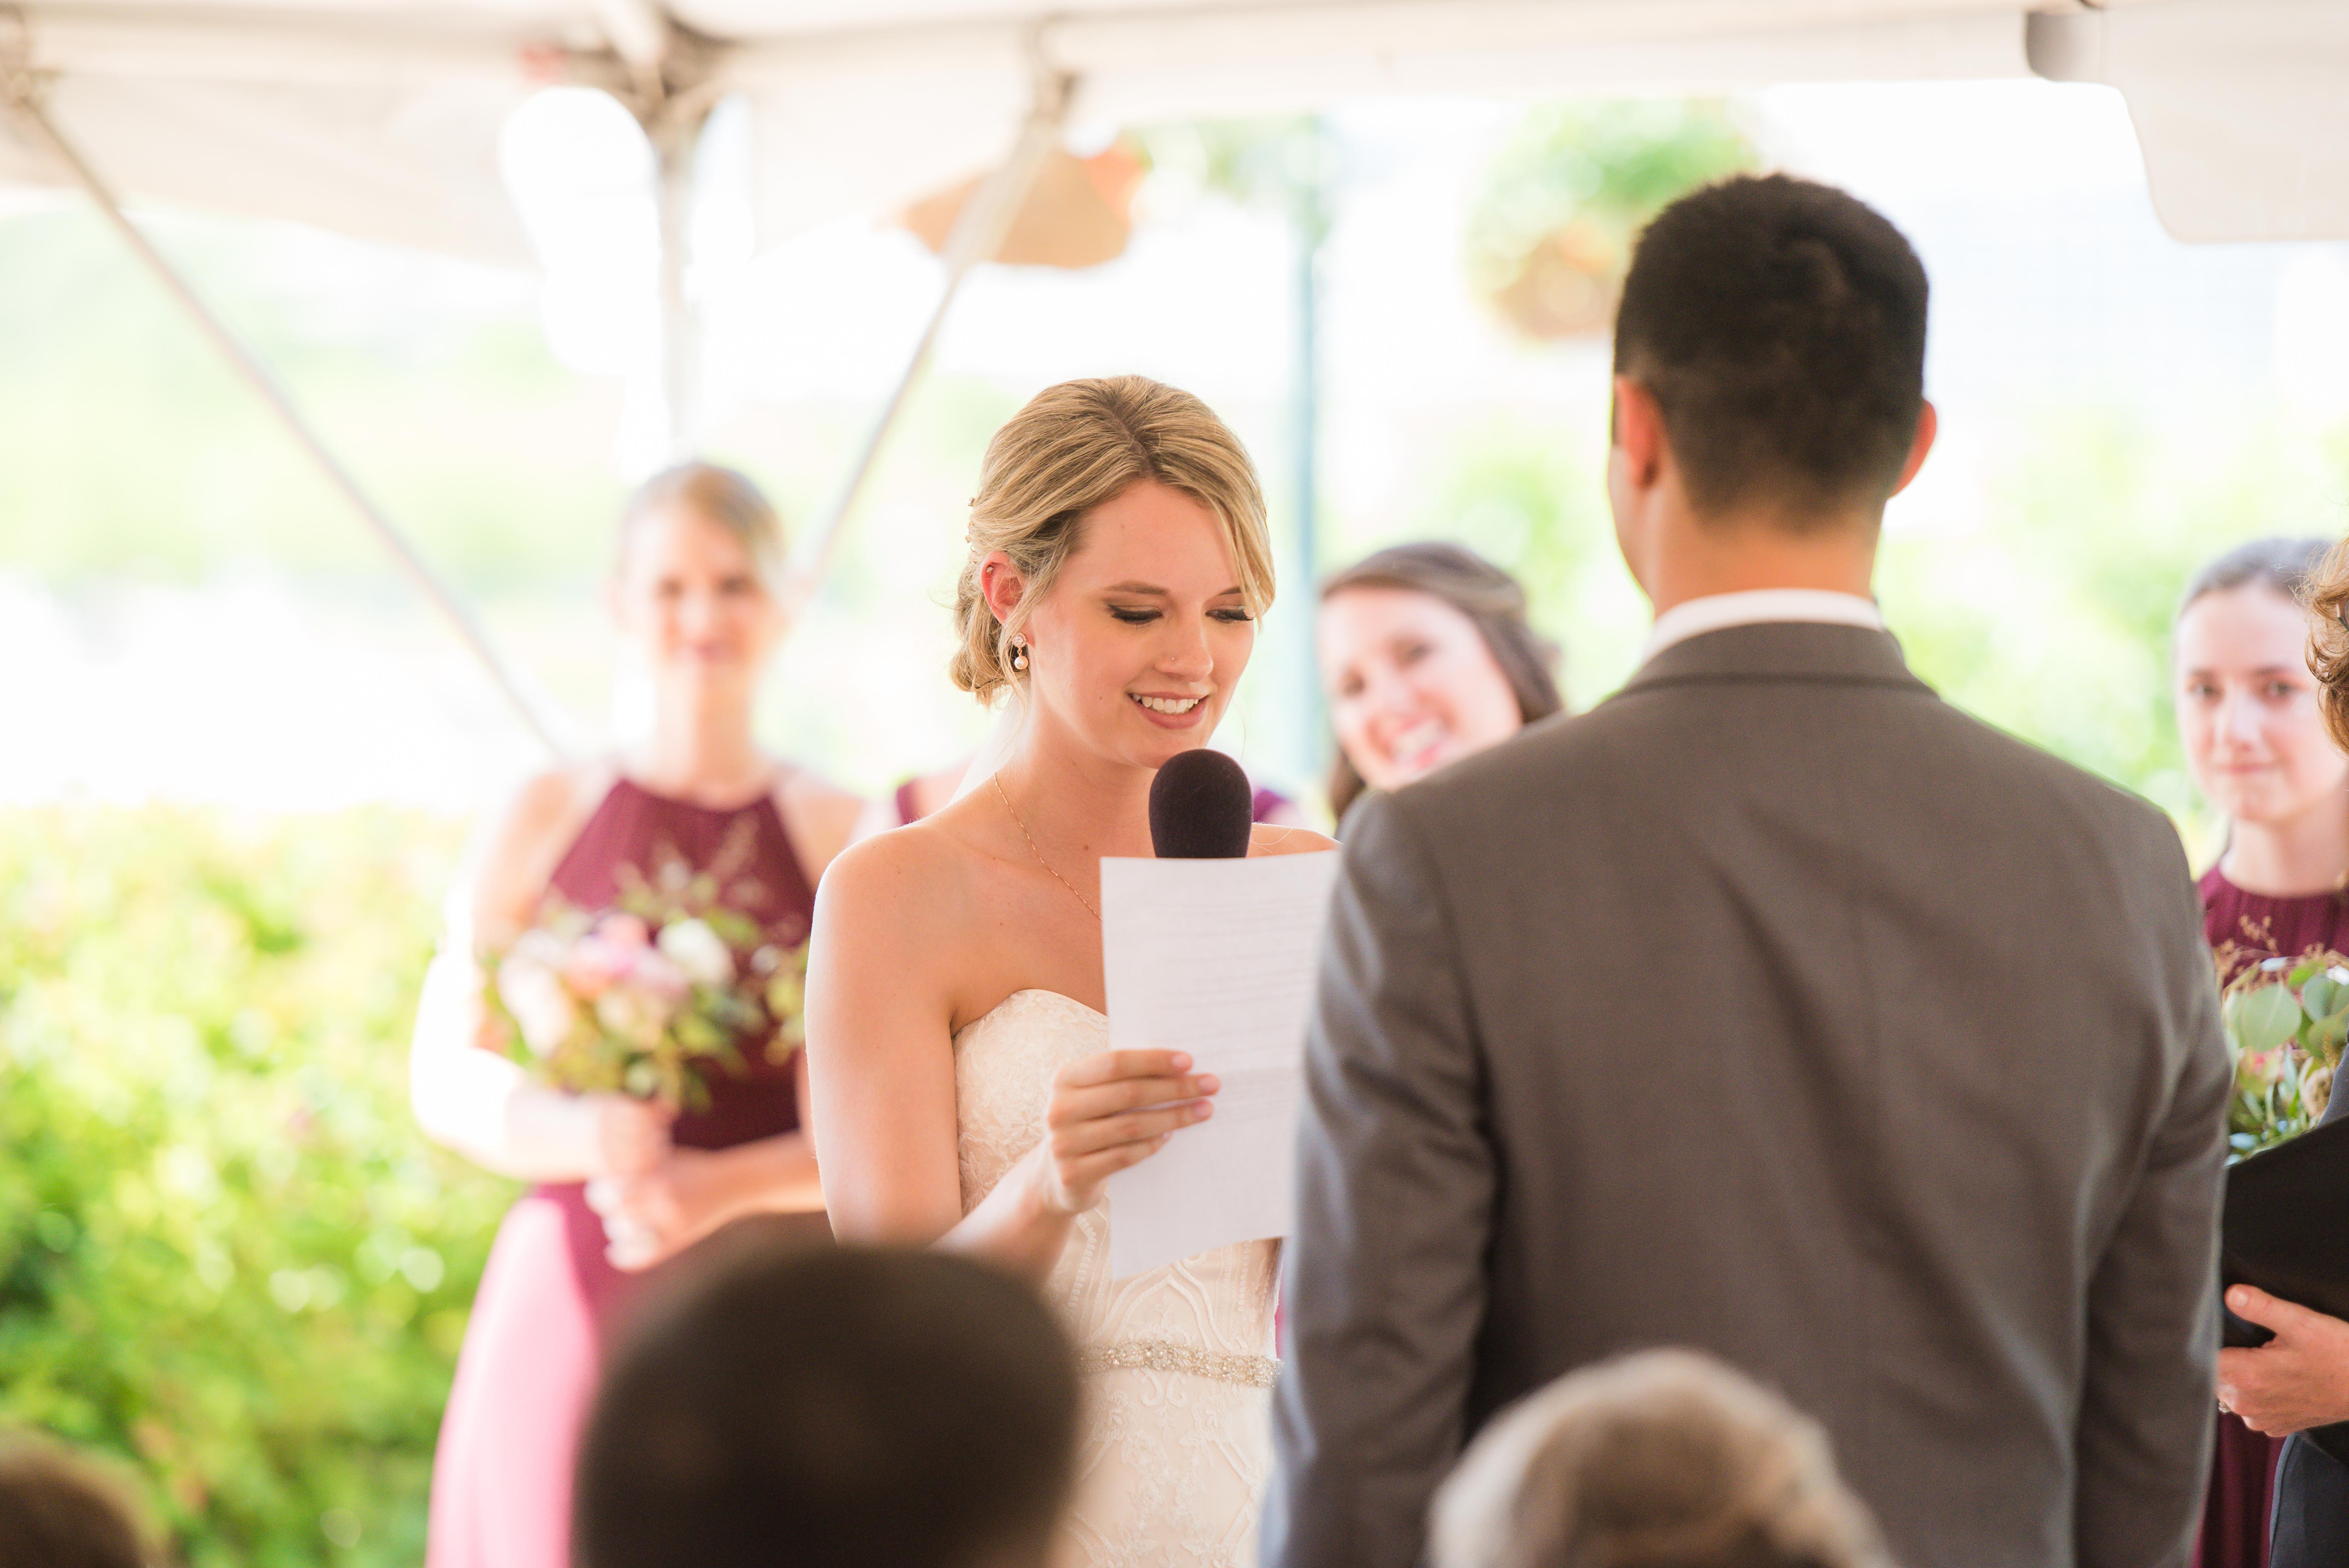 twincities wedding photography east oaks photography wedding photo (22)